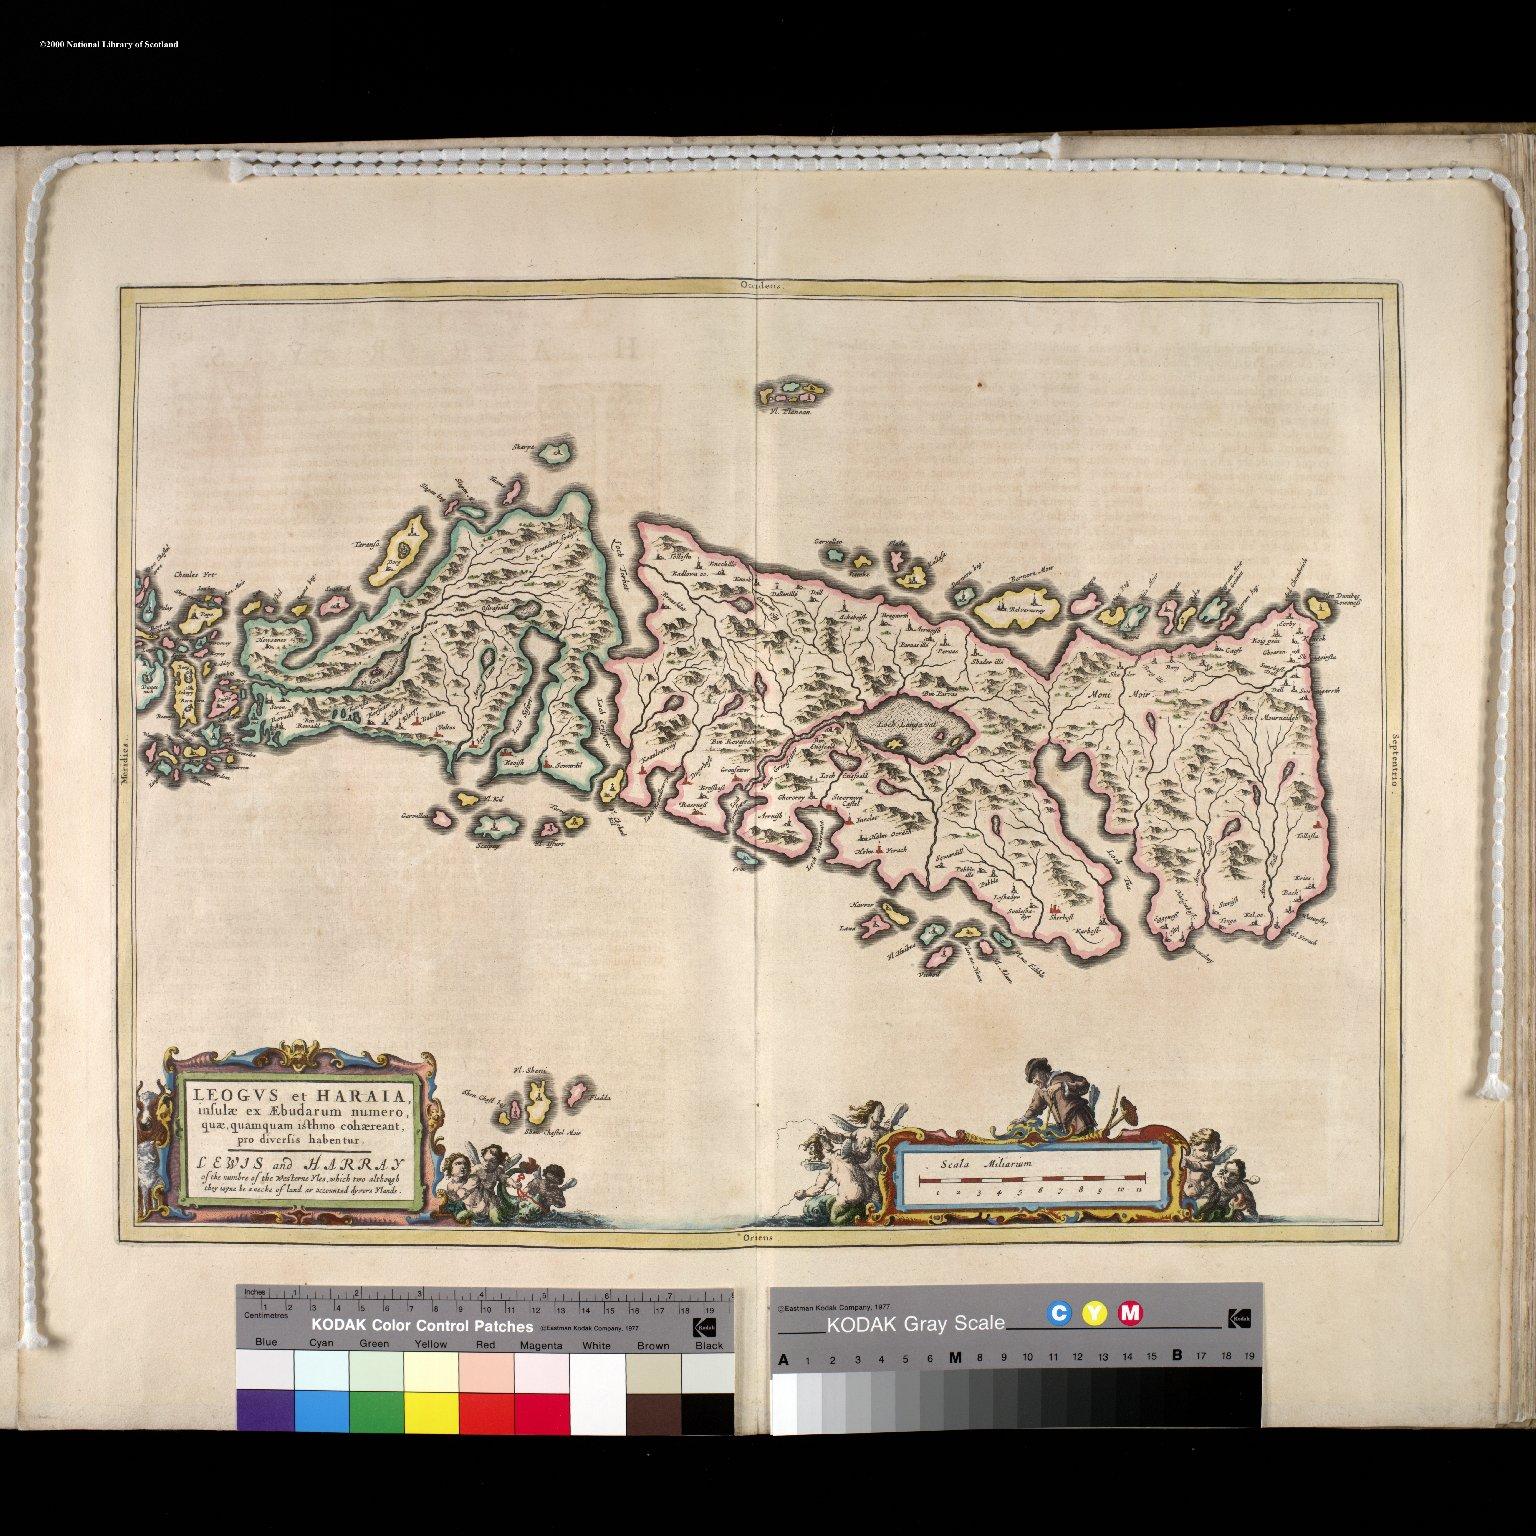 LEOGVS et HARIA, insulae ex Aebudarum numero, quae , quamquam isthmo cohaereant, pro diversis habentur. [2 of 3]